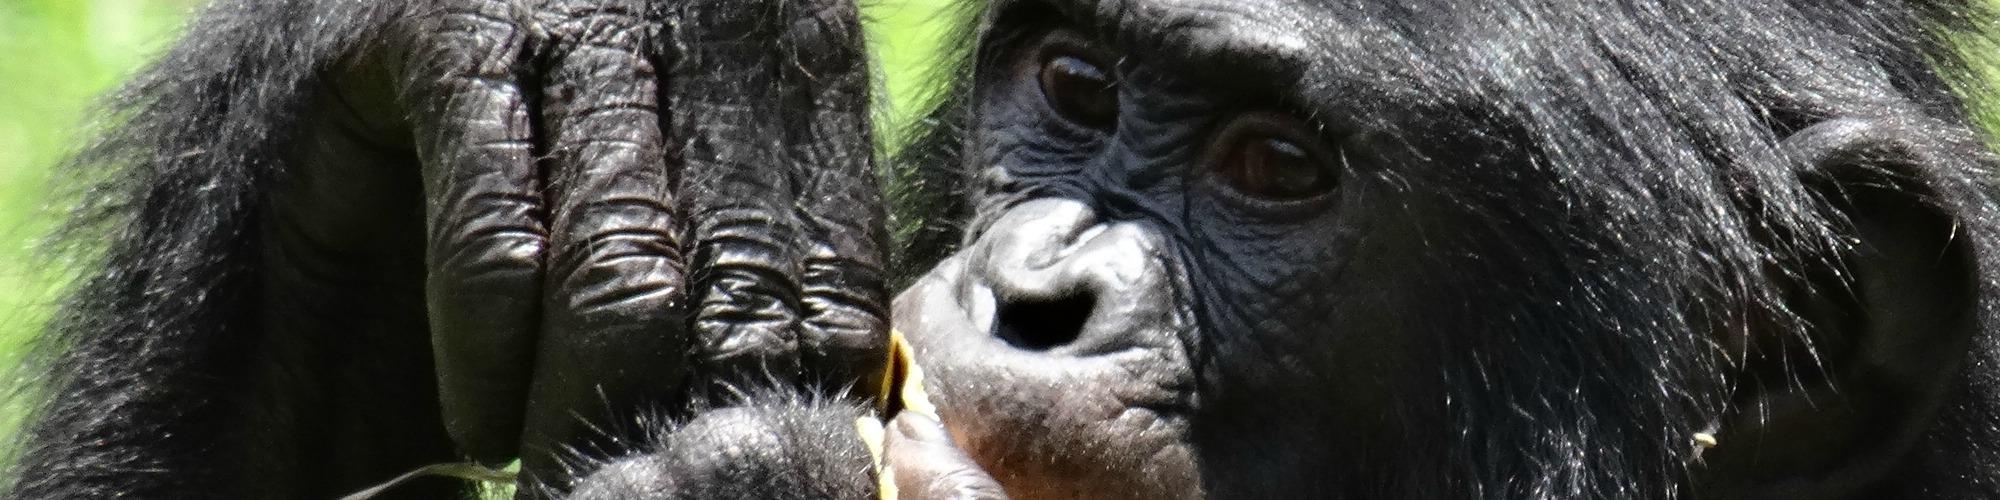 Bonobo vrouwtje